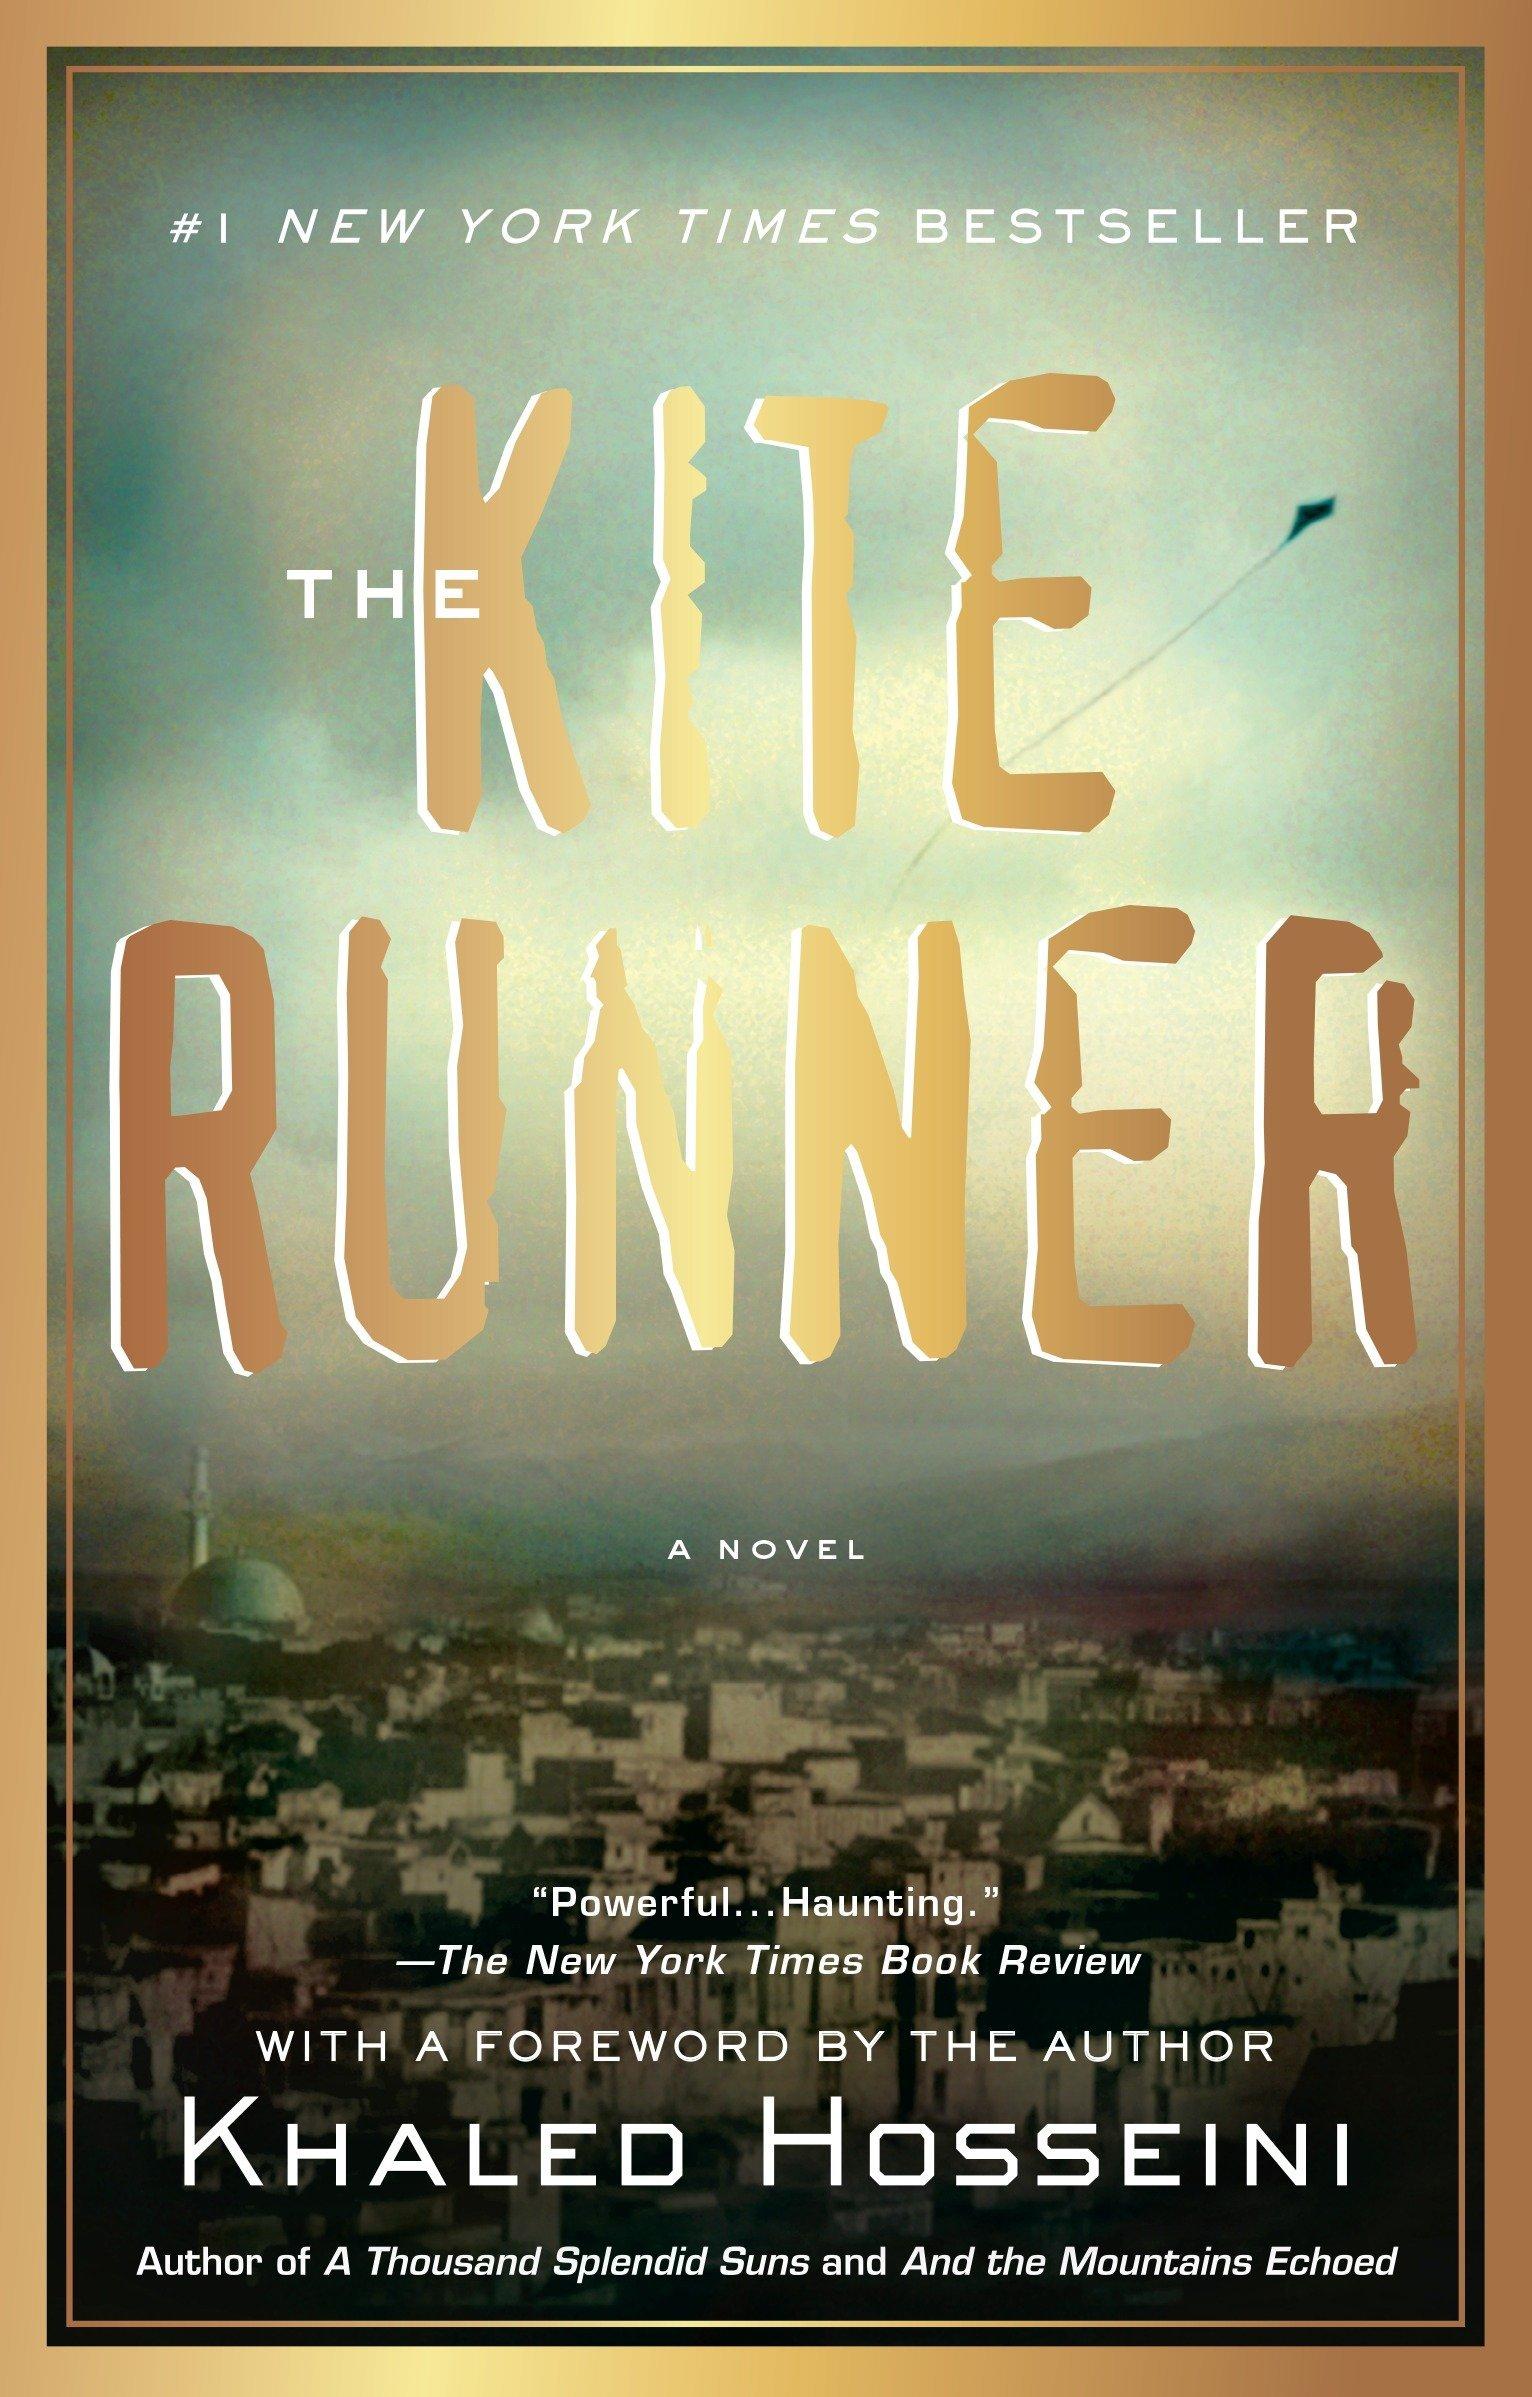 The Kite Runnerby Khaled Hosseini.jpg